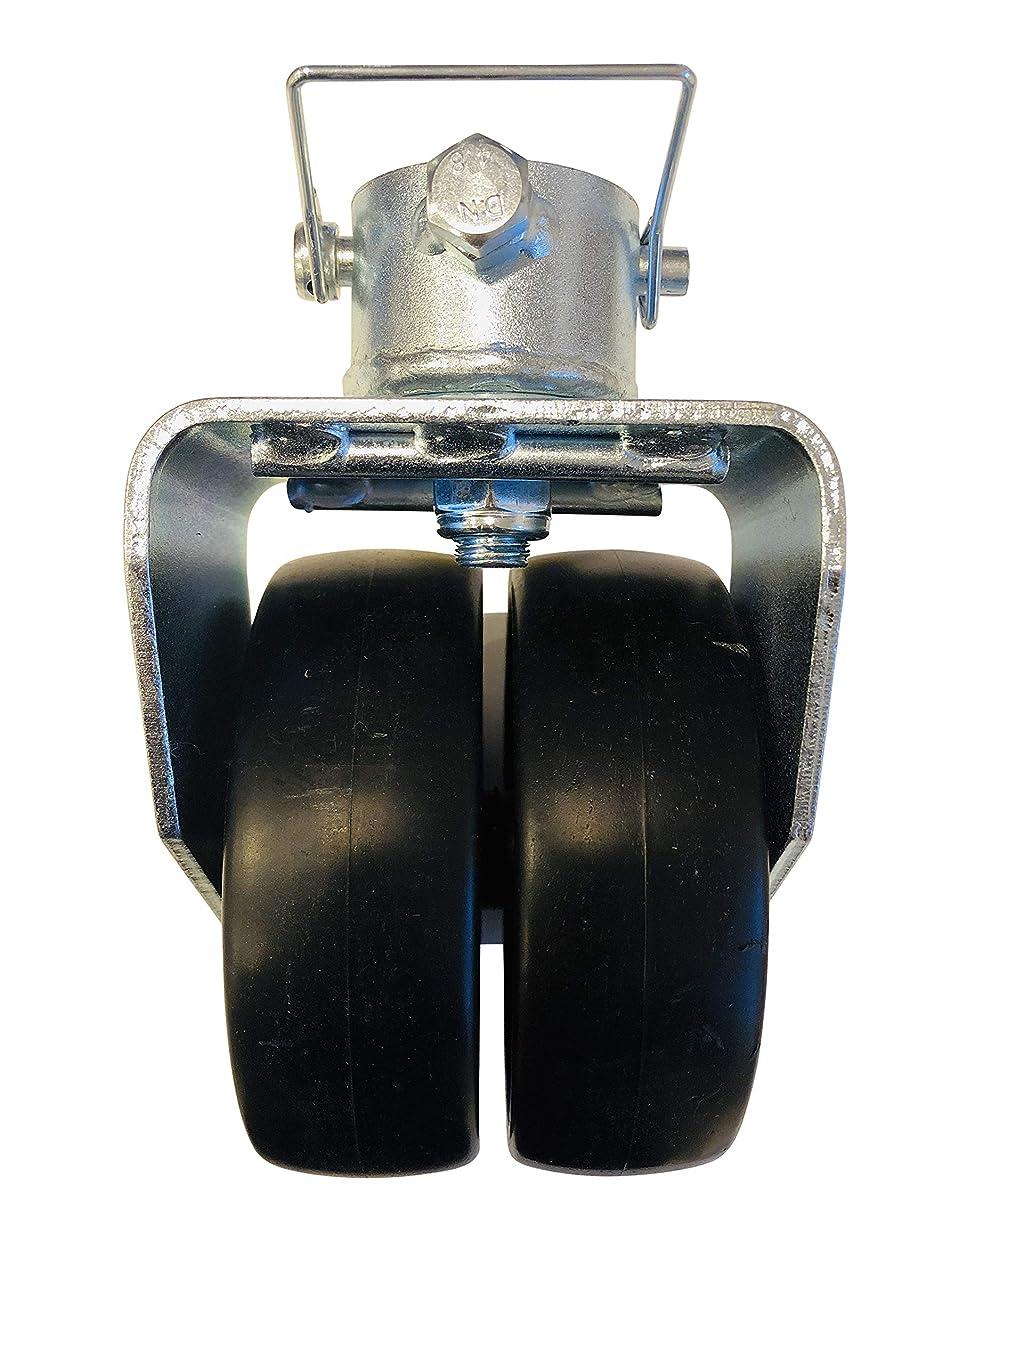 意志に反する没頭するケニアプロフェッショナル EZ トラベル コレクション 強化ダブルホイール トレーラー ジャック キャスター ピン付き (2000ポンド定格)